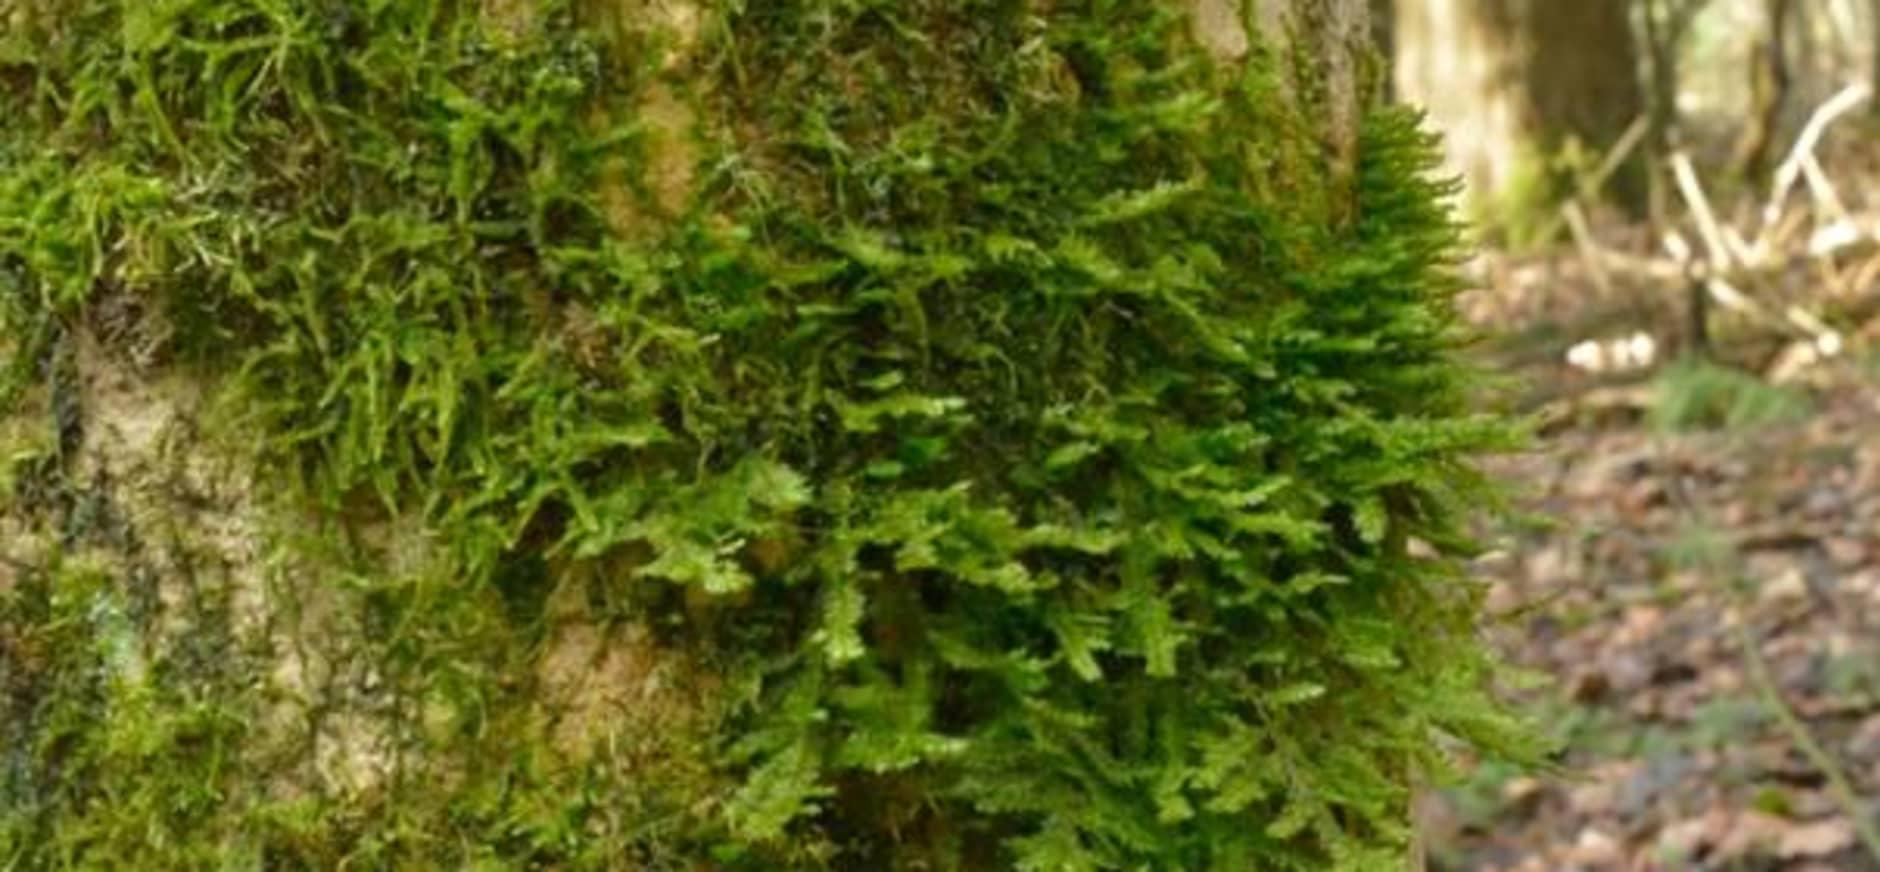 Egheria, perfecte plek voor zeldzame mossen